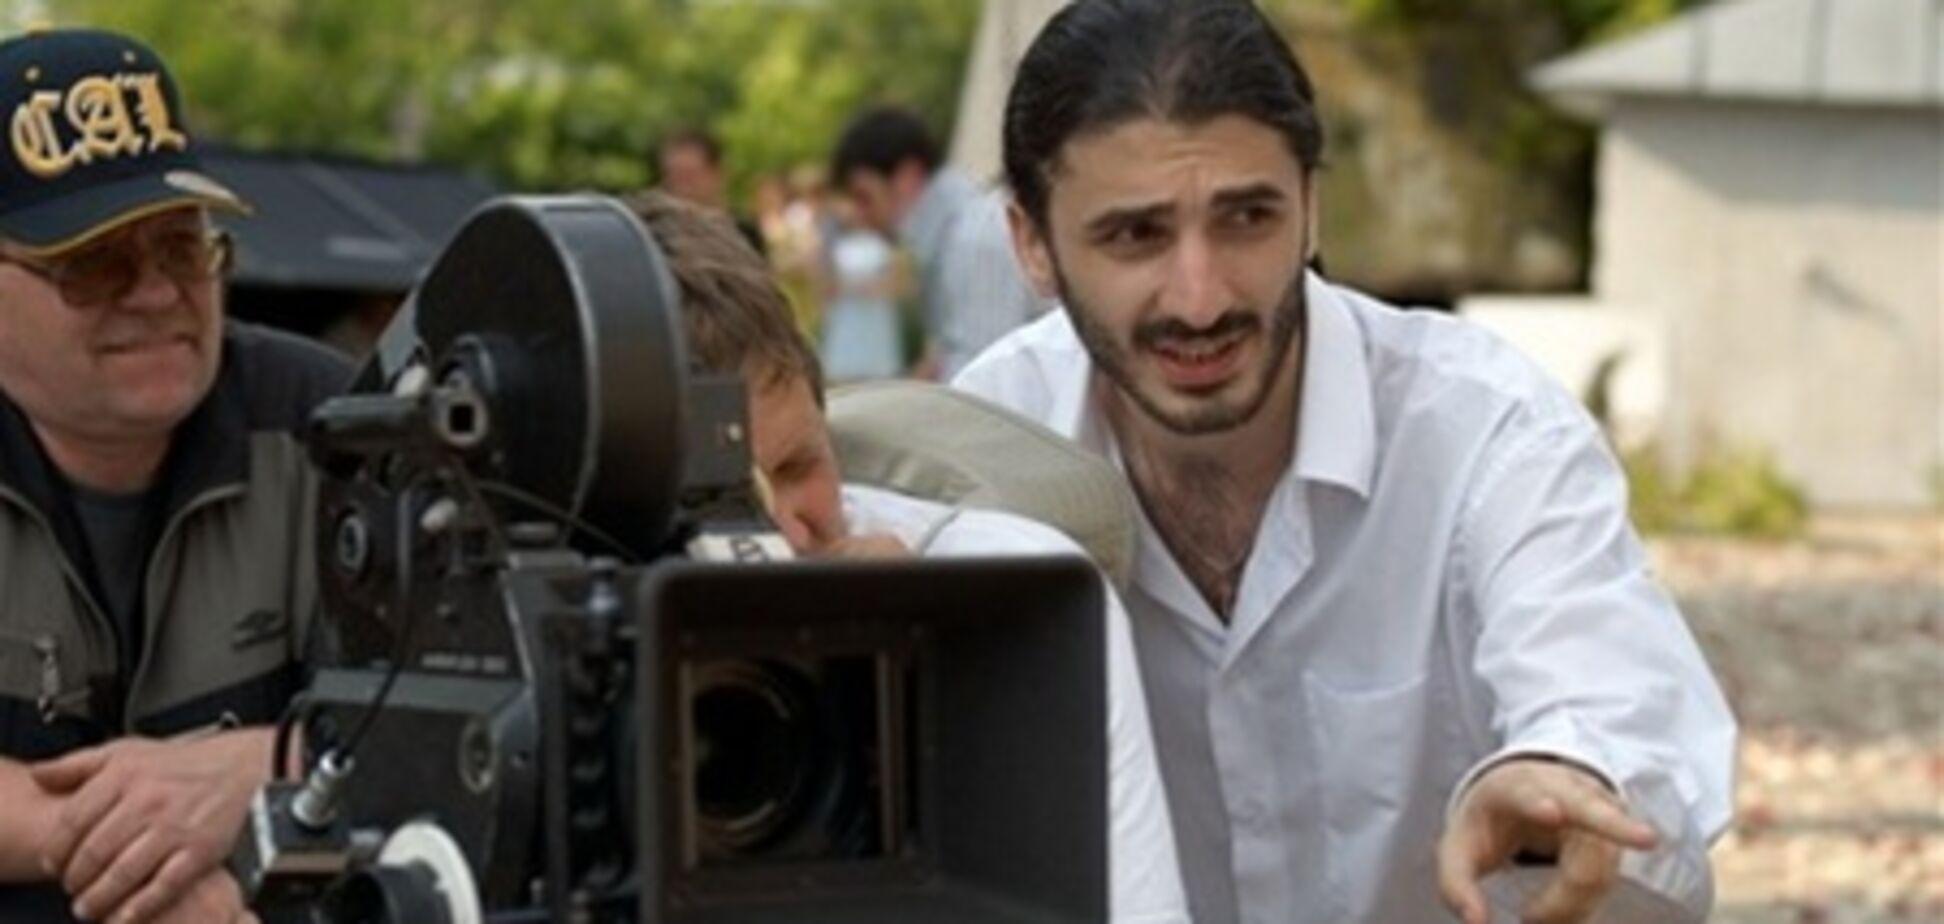 Режиссер 'Беременного' снимет комедию с голливудскими звездами